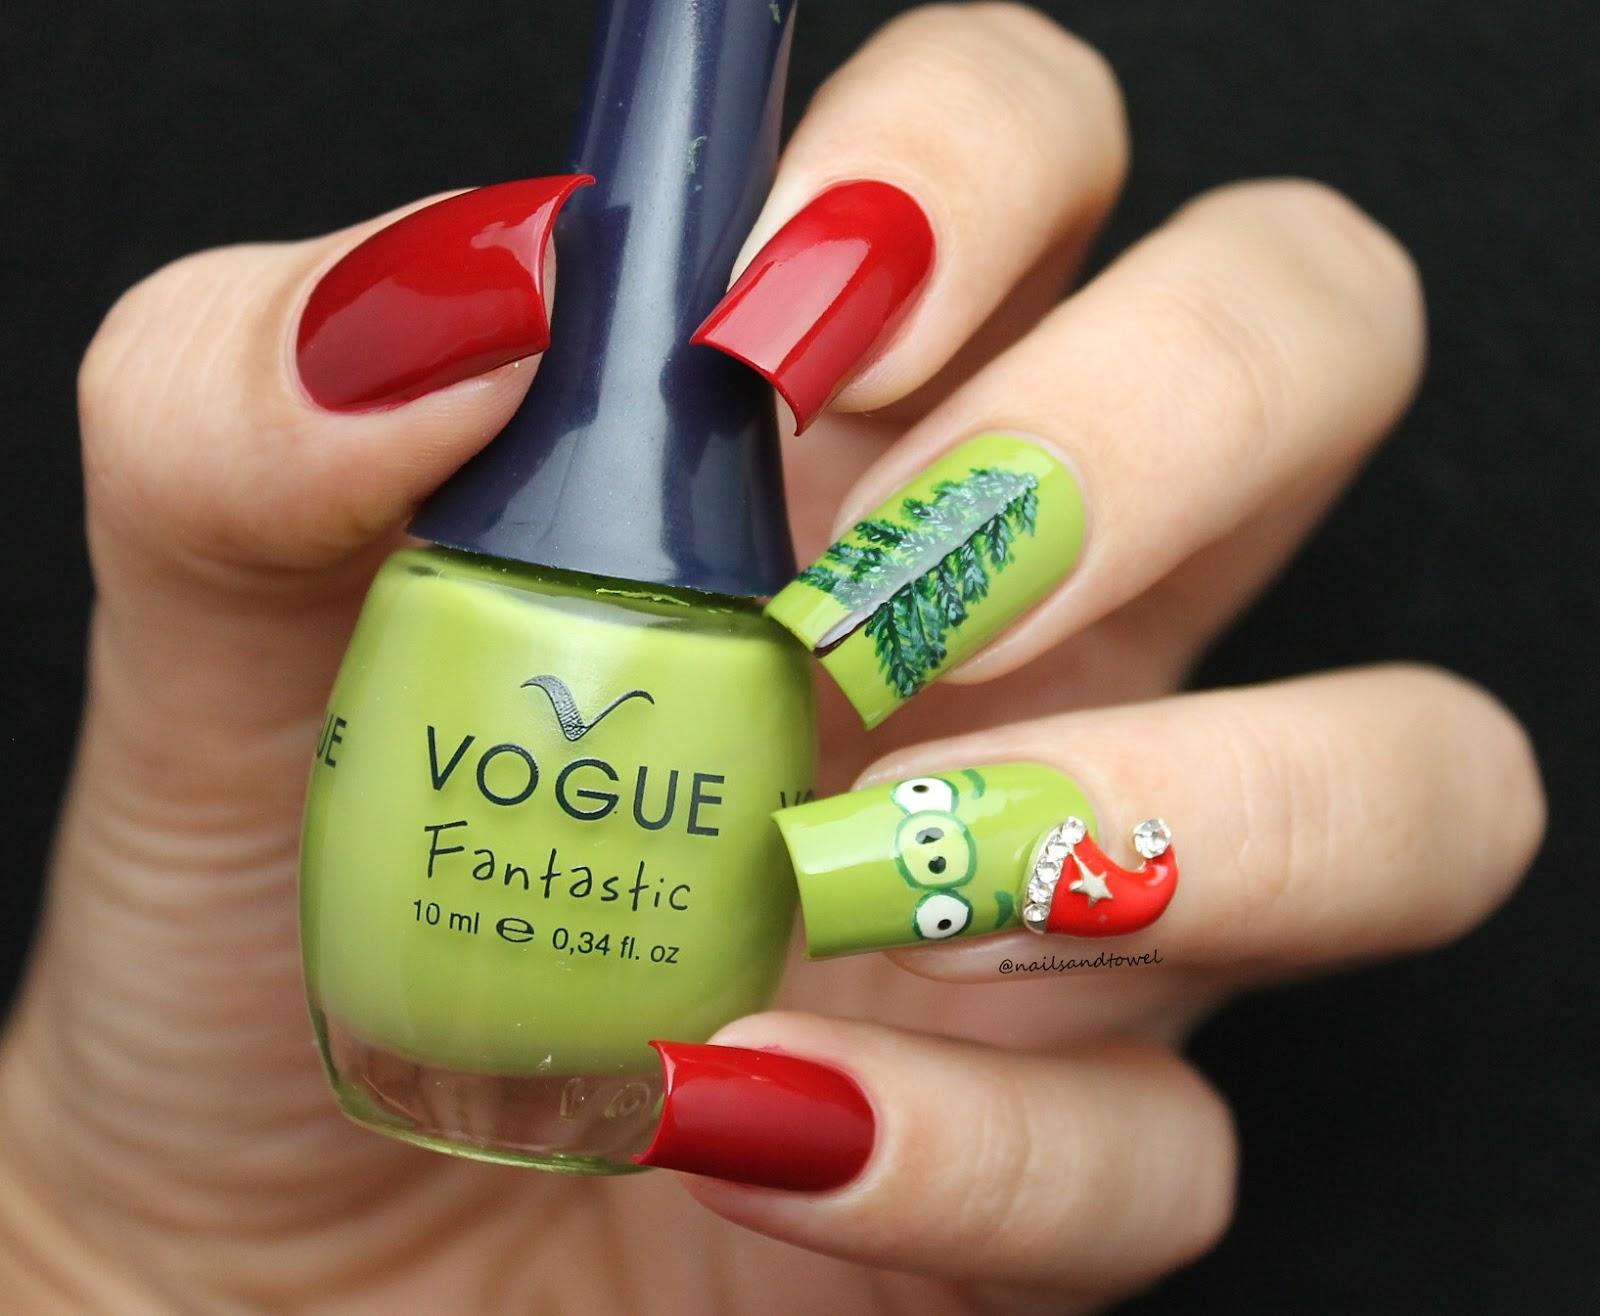 Fancy Angry Birds Nail Art Ornament - Nail Art Ideas - morihati.com